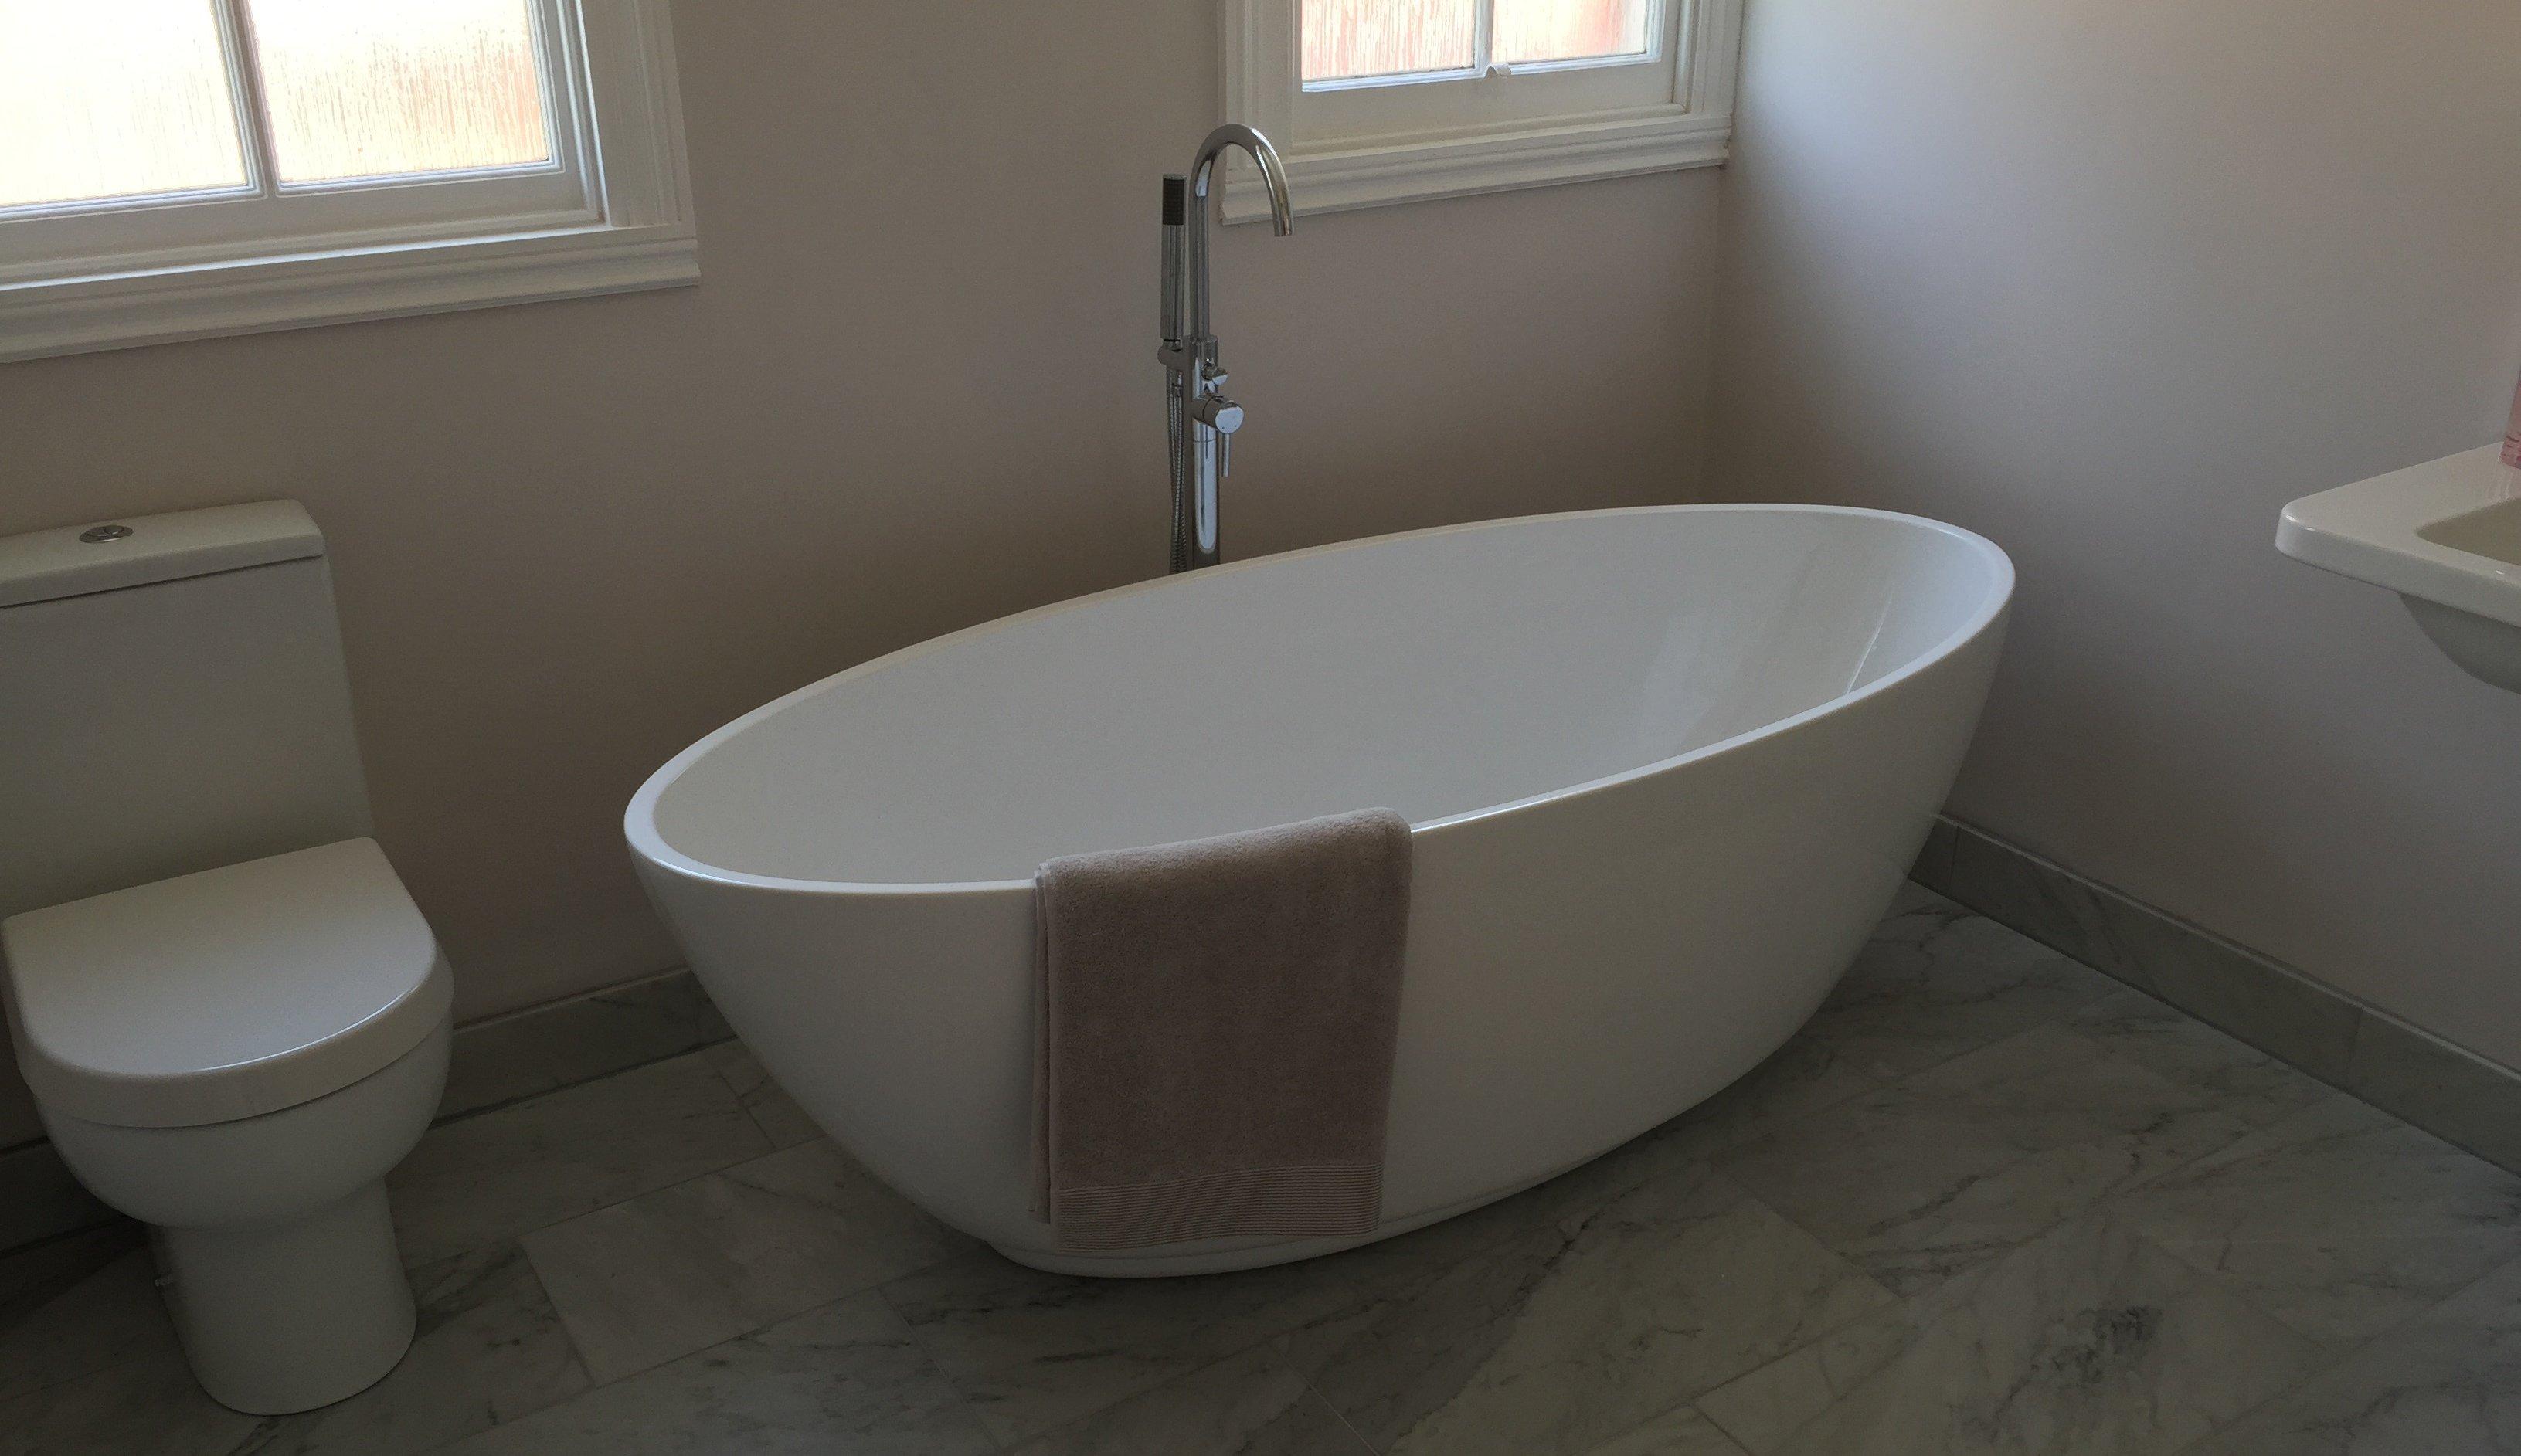 KS Installations  Bathroom installation in Bromsgrove